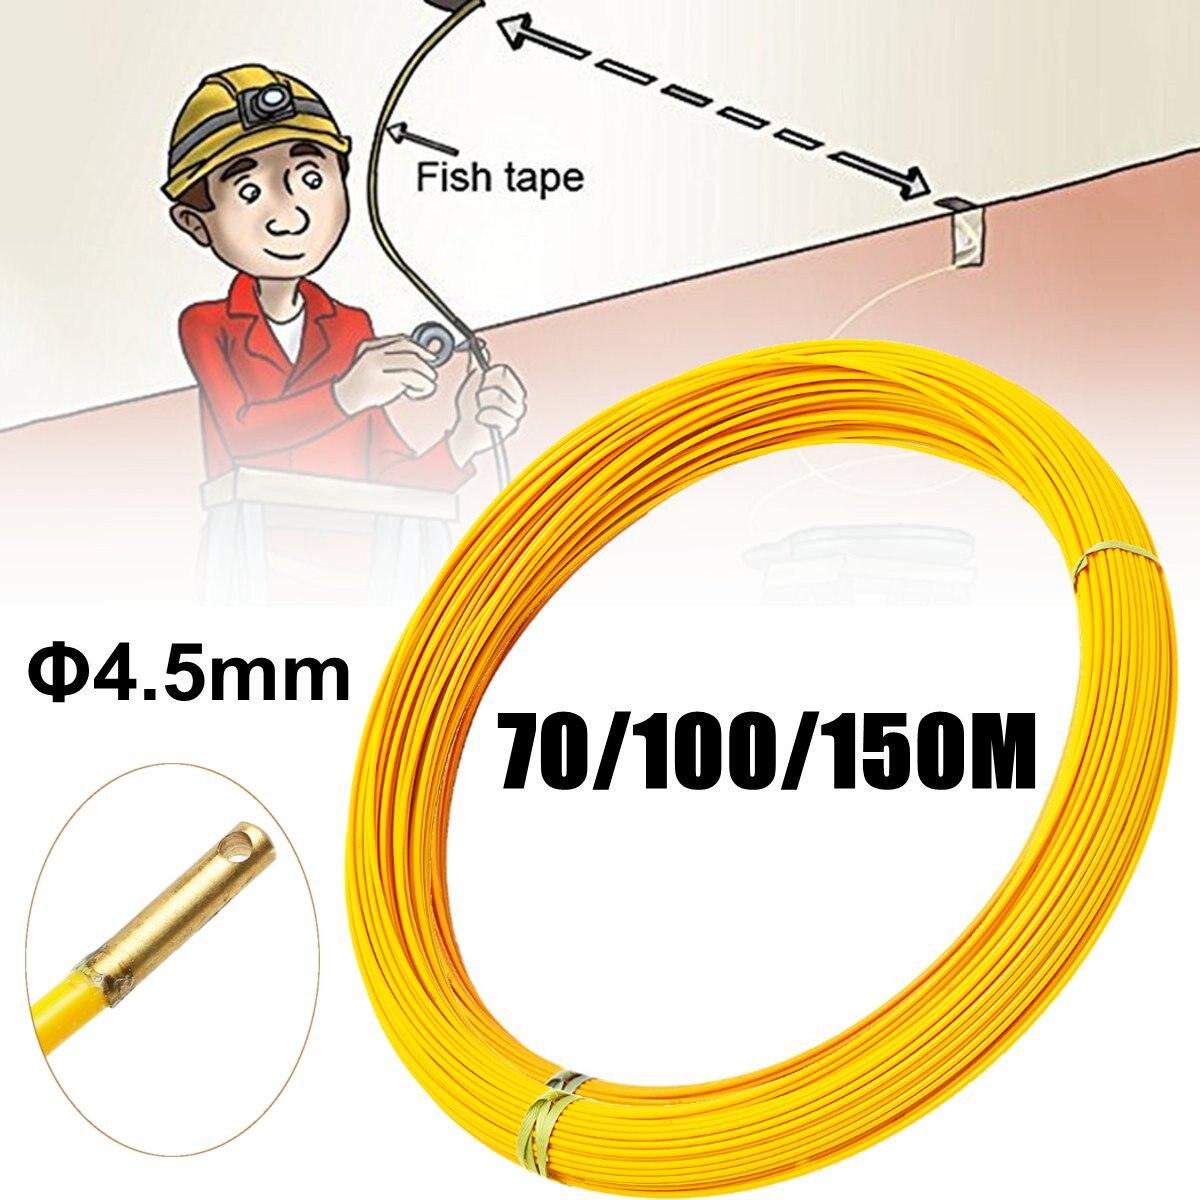 Новый 70 м/100 м/150 м 4,5 мм кабель из стекловолокна Съемник рыболовная лента катушка проводка Канатный канат Тяговая стена провод проводник про...